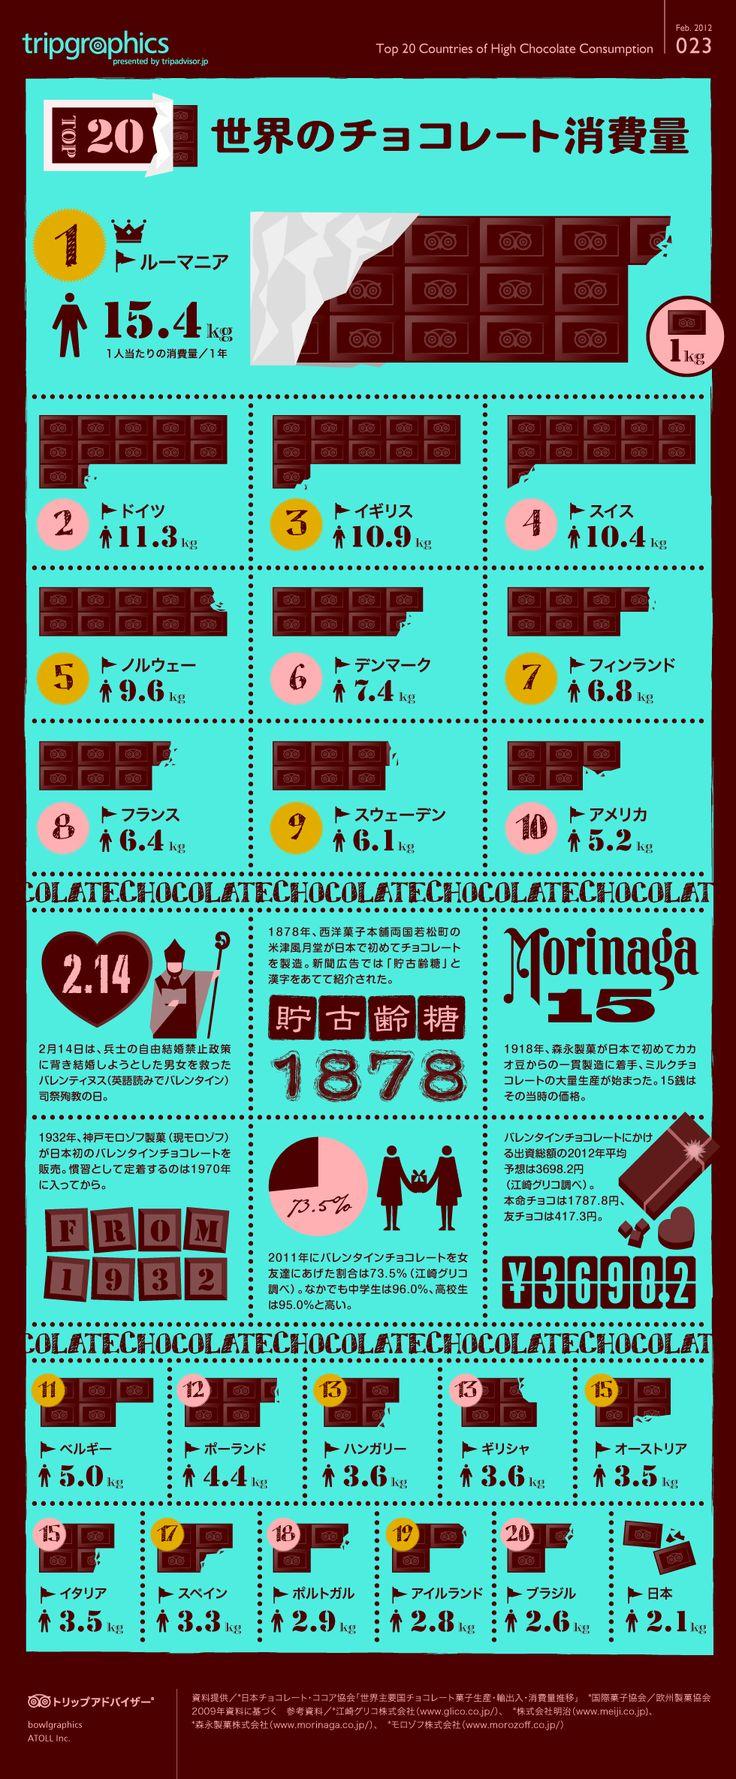 世界のチョコレート消費量 トリップアドバイザーのインフォグラフィックスで世界の旅が見える